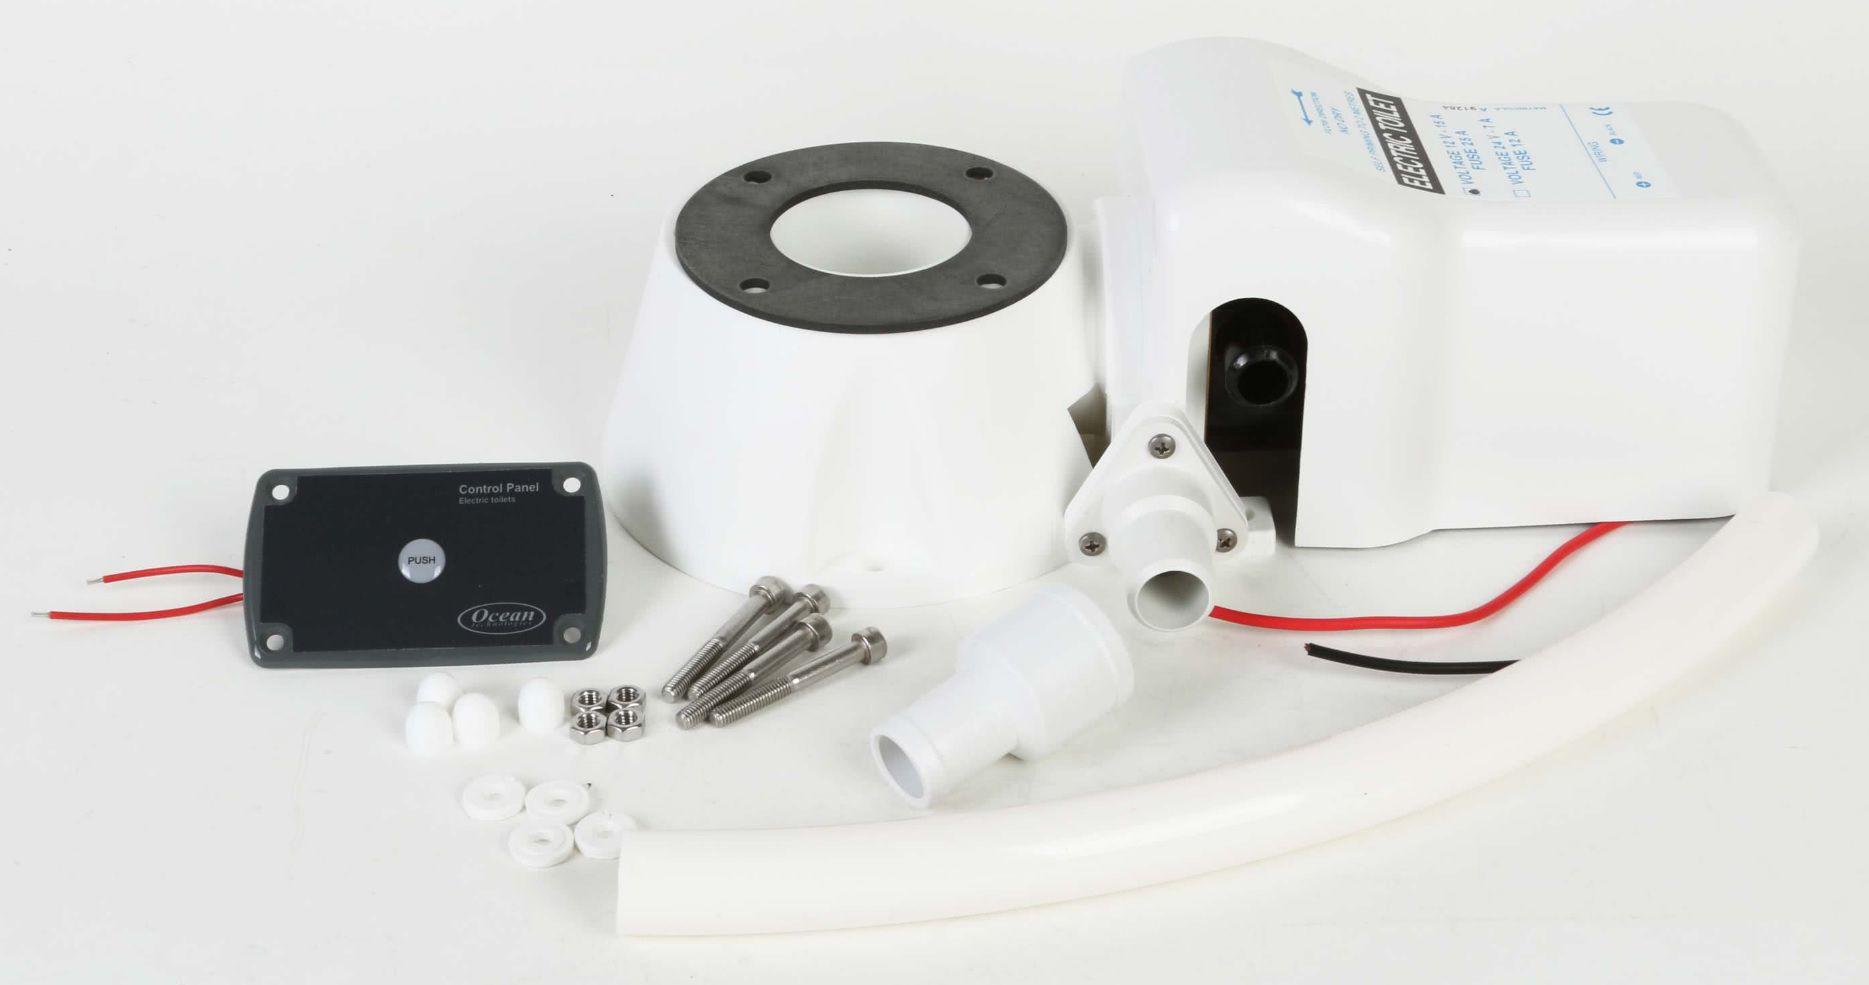 Kit Conversor de Vaso Sanitário Manual em Elétrico 12V Matromarine p/ Barcos e Lanchas